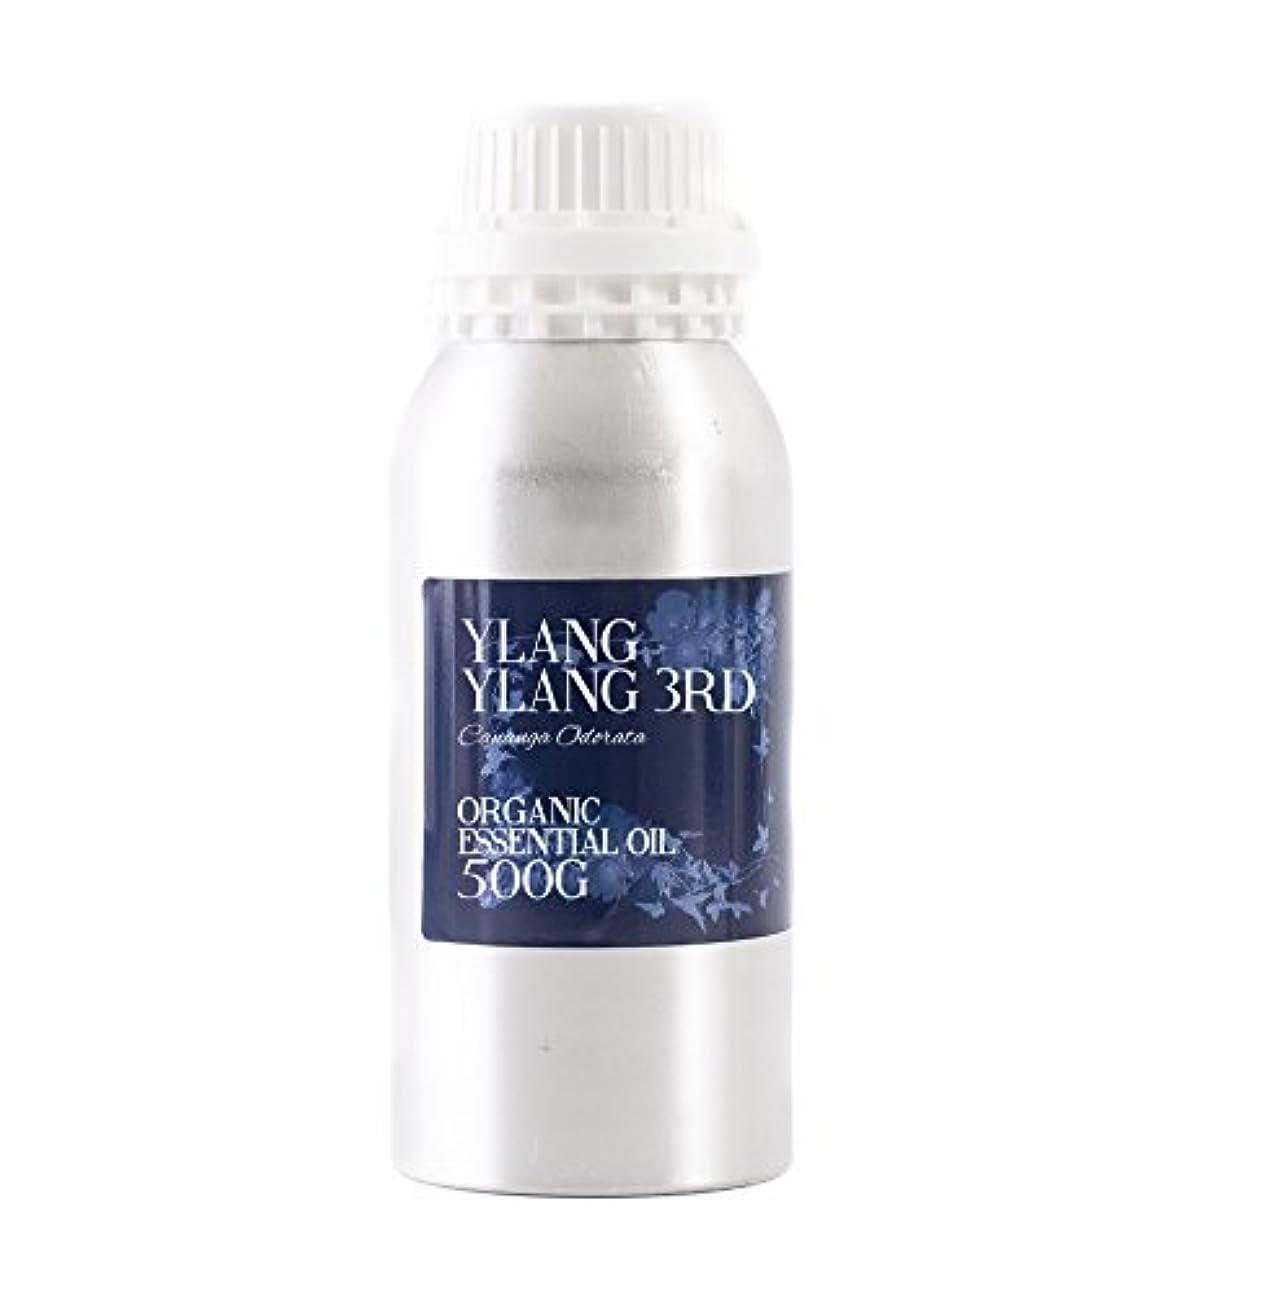 冒険者残る起こるMystic Moments | Ylang Ylang 3rd Organic Essential Oil - 500g - 100% Pure